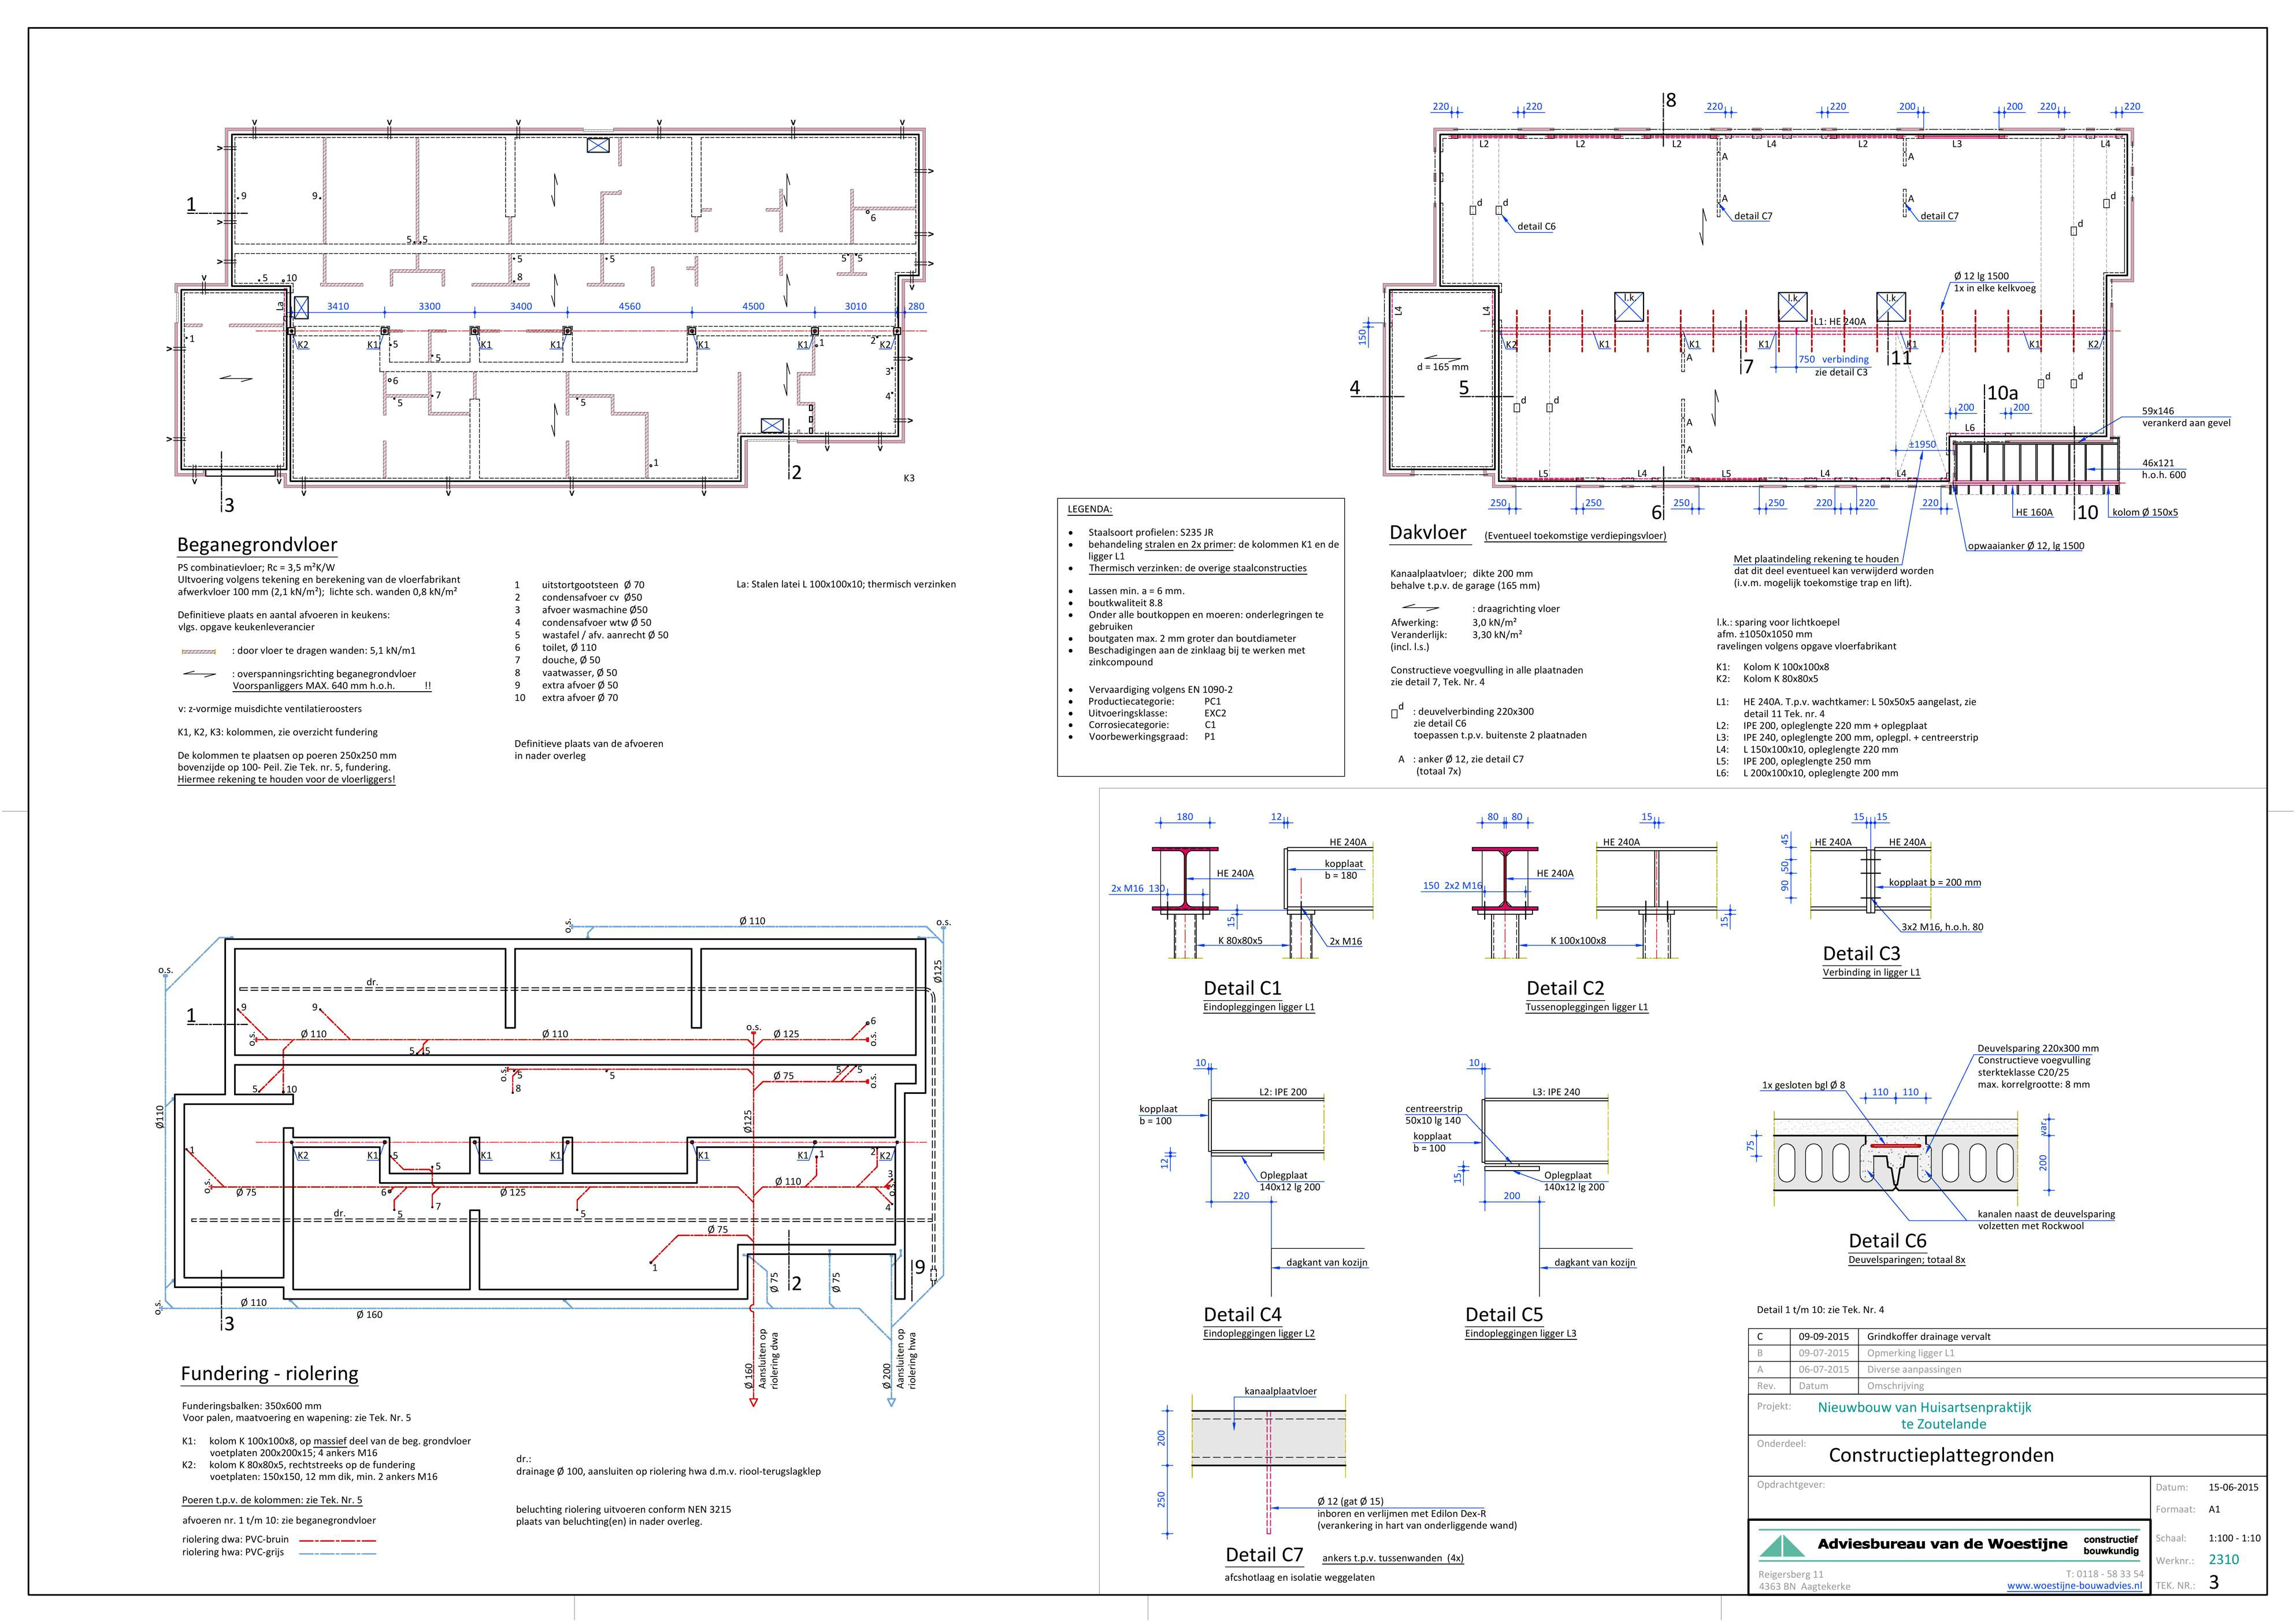 2310-3-Constructieplattegronden-page-001